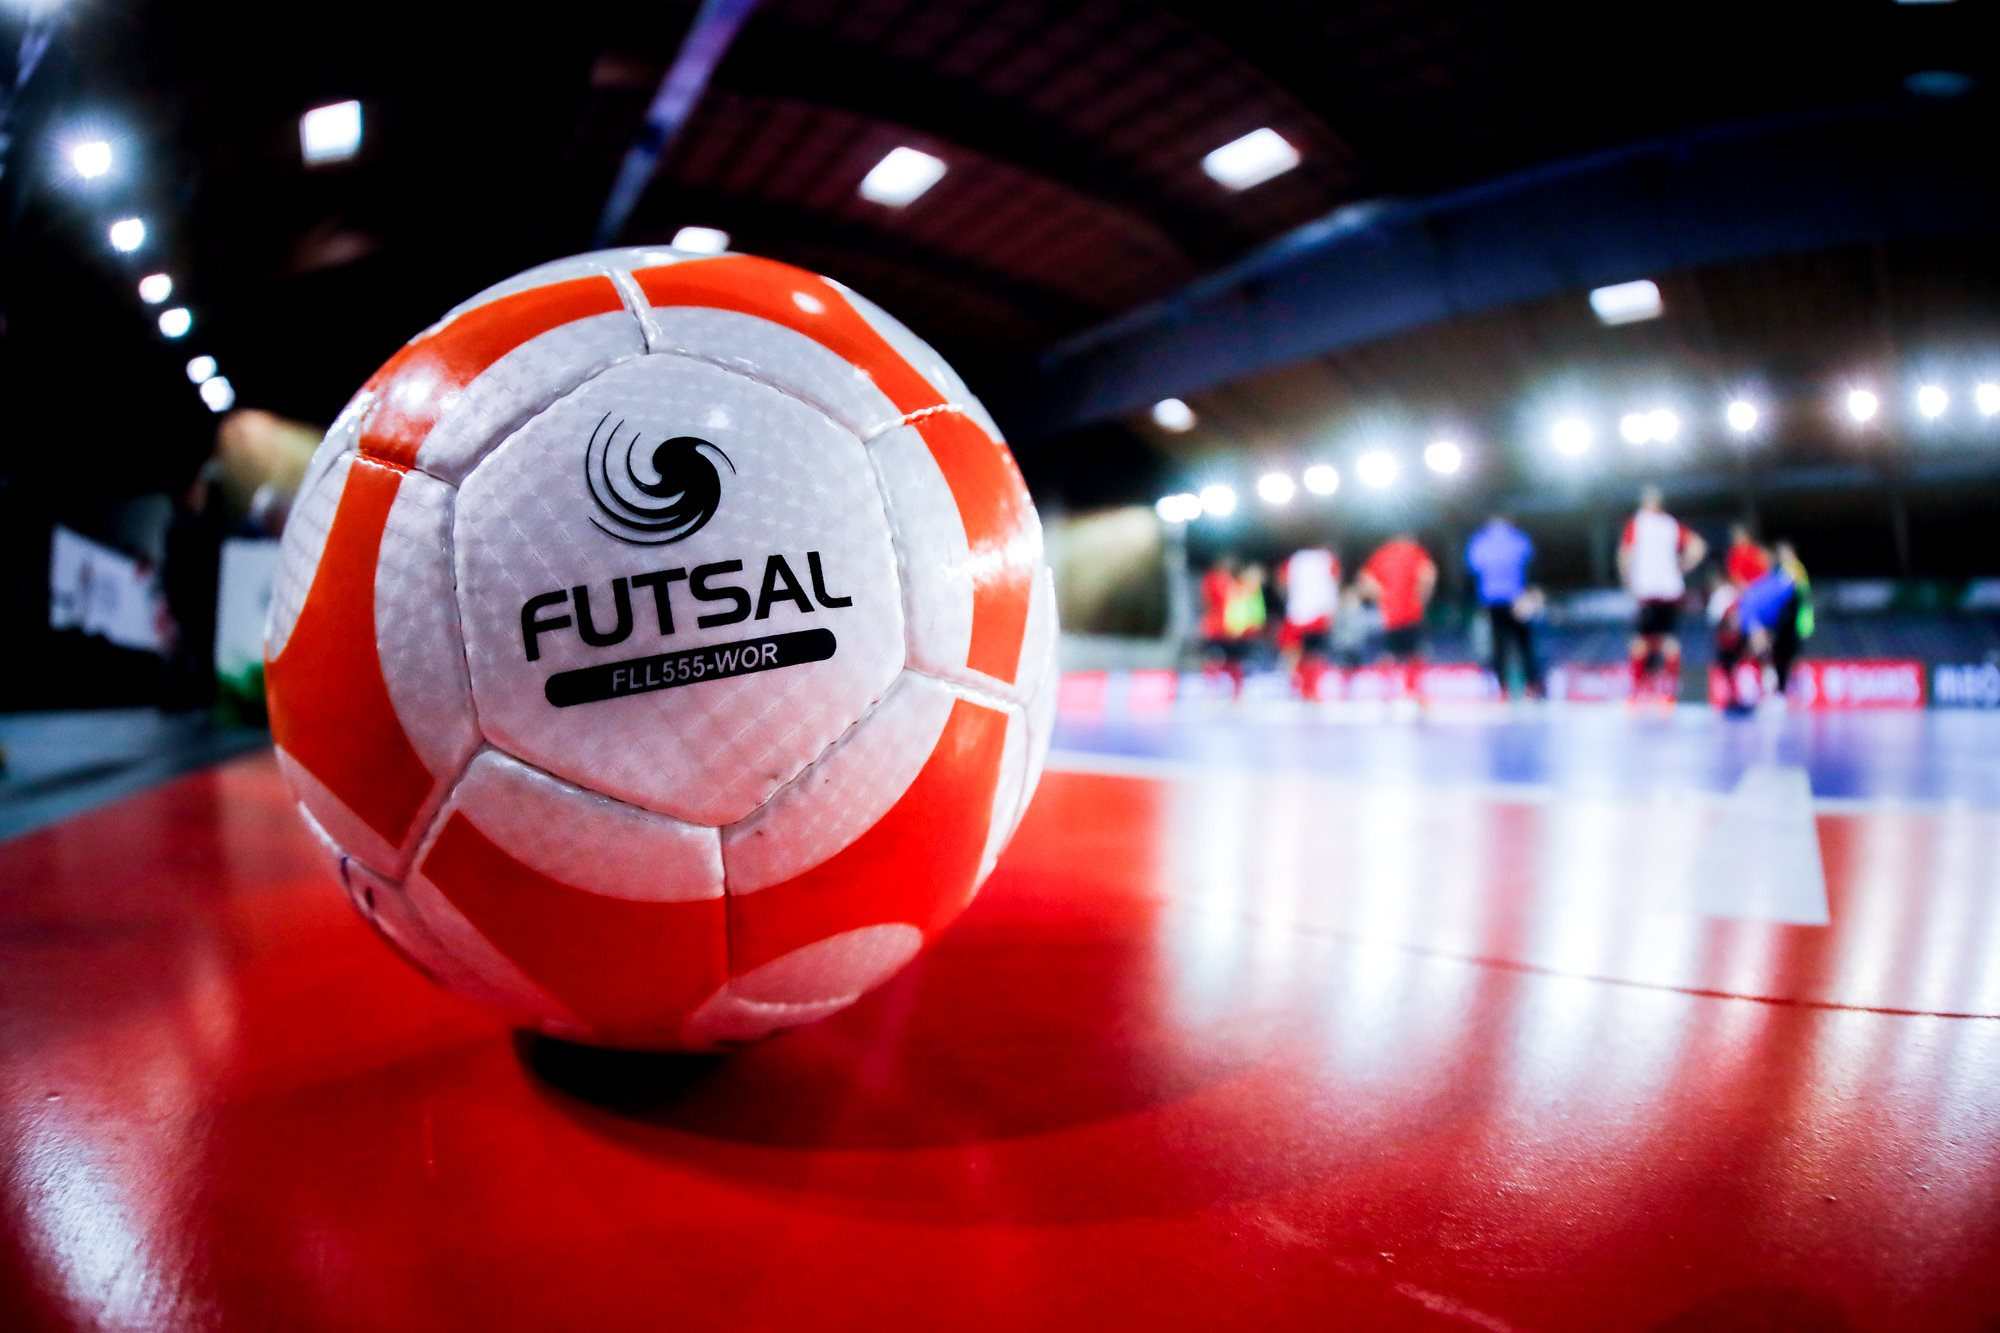 Rivalidade histórica marca confronto decisivo do Paranaense de Futsal nesta terça